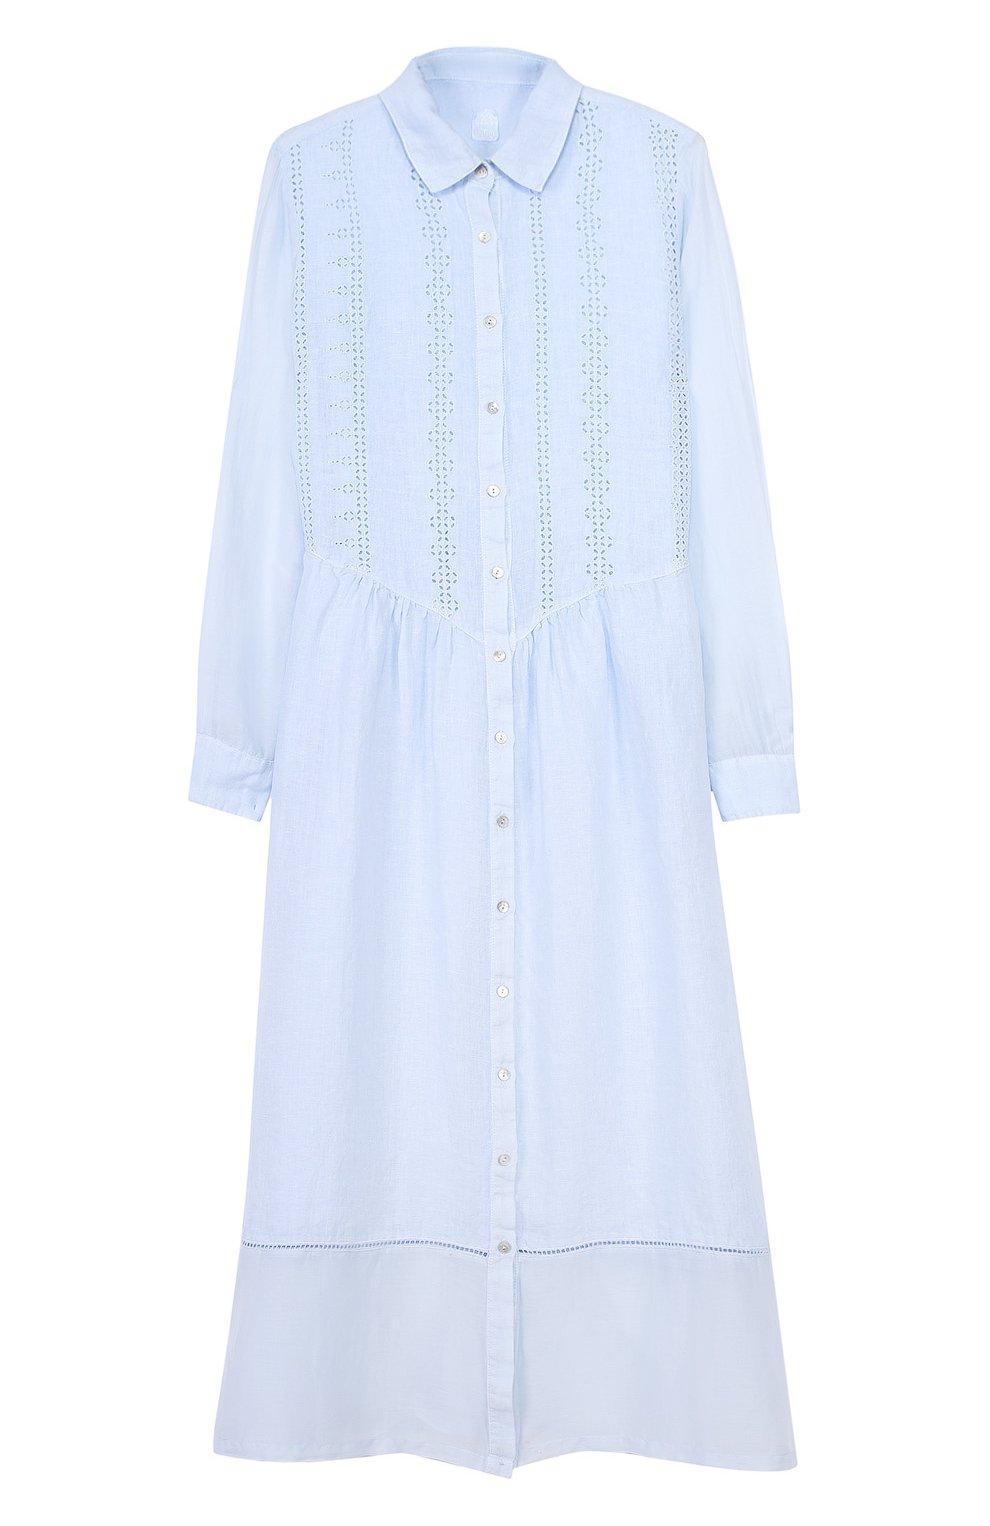 ace4873aee6d Женское голубое льняное платье-рубашка с полупрозрачными вставками ...